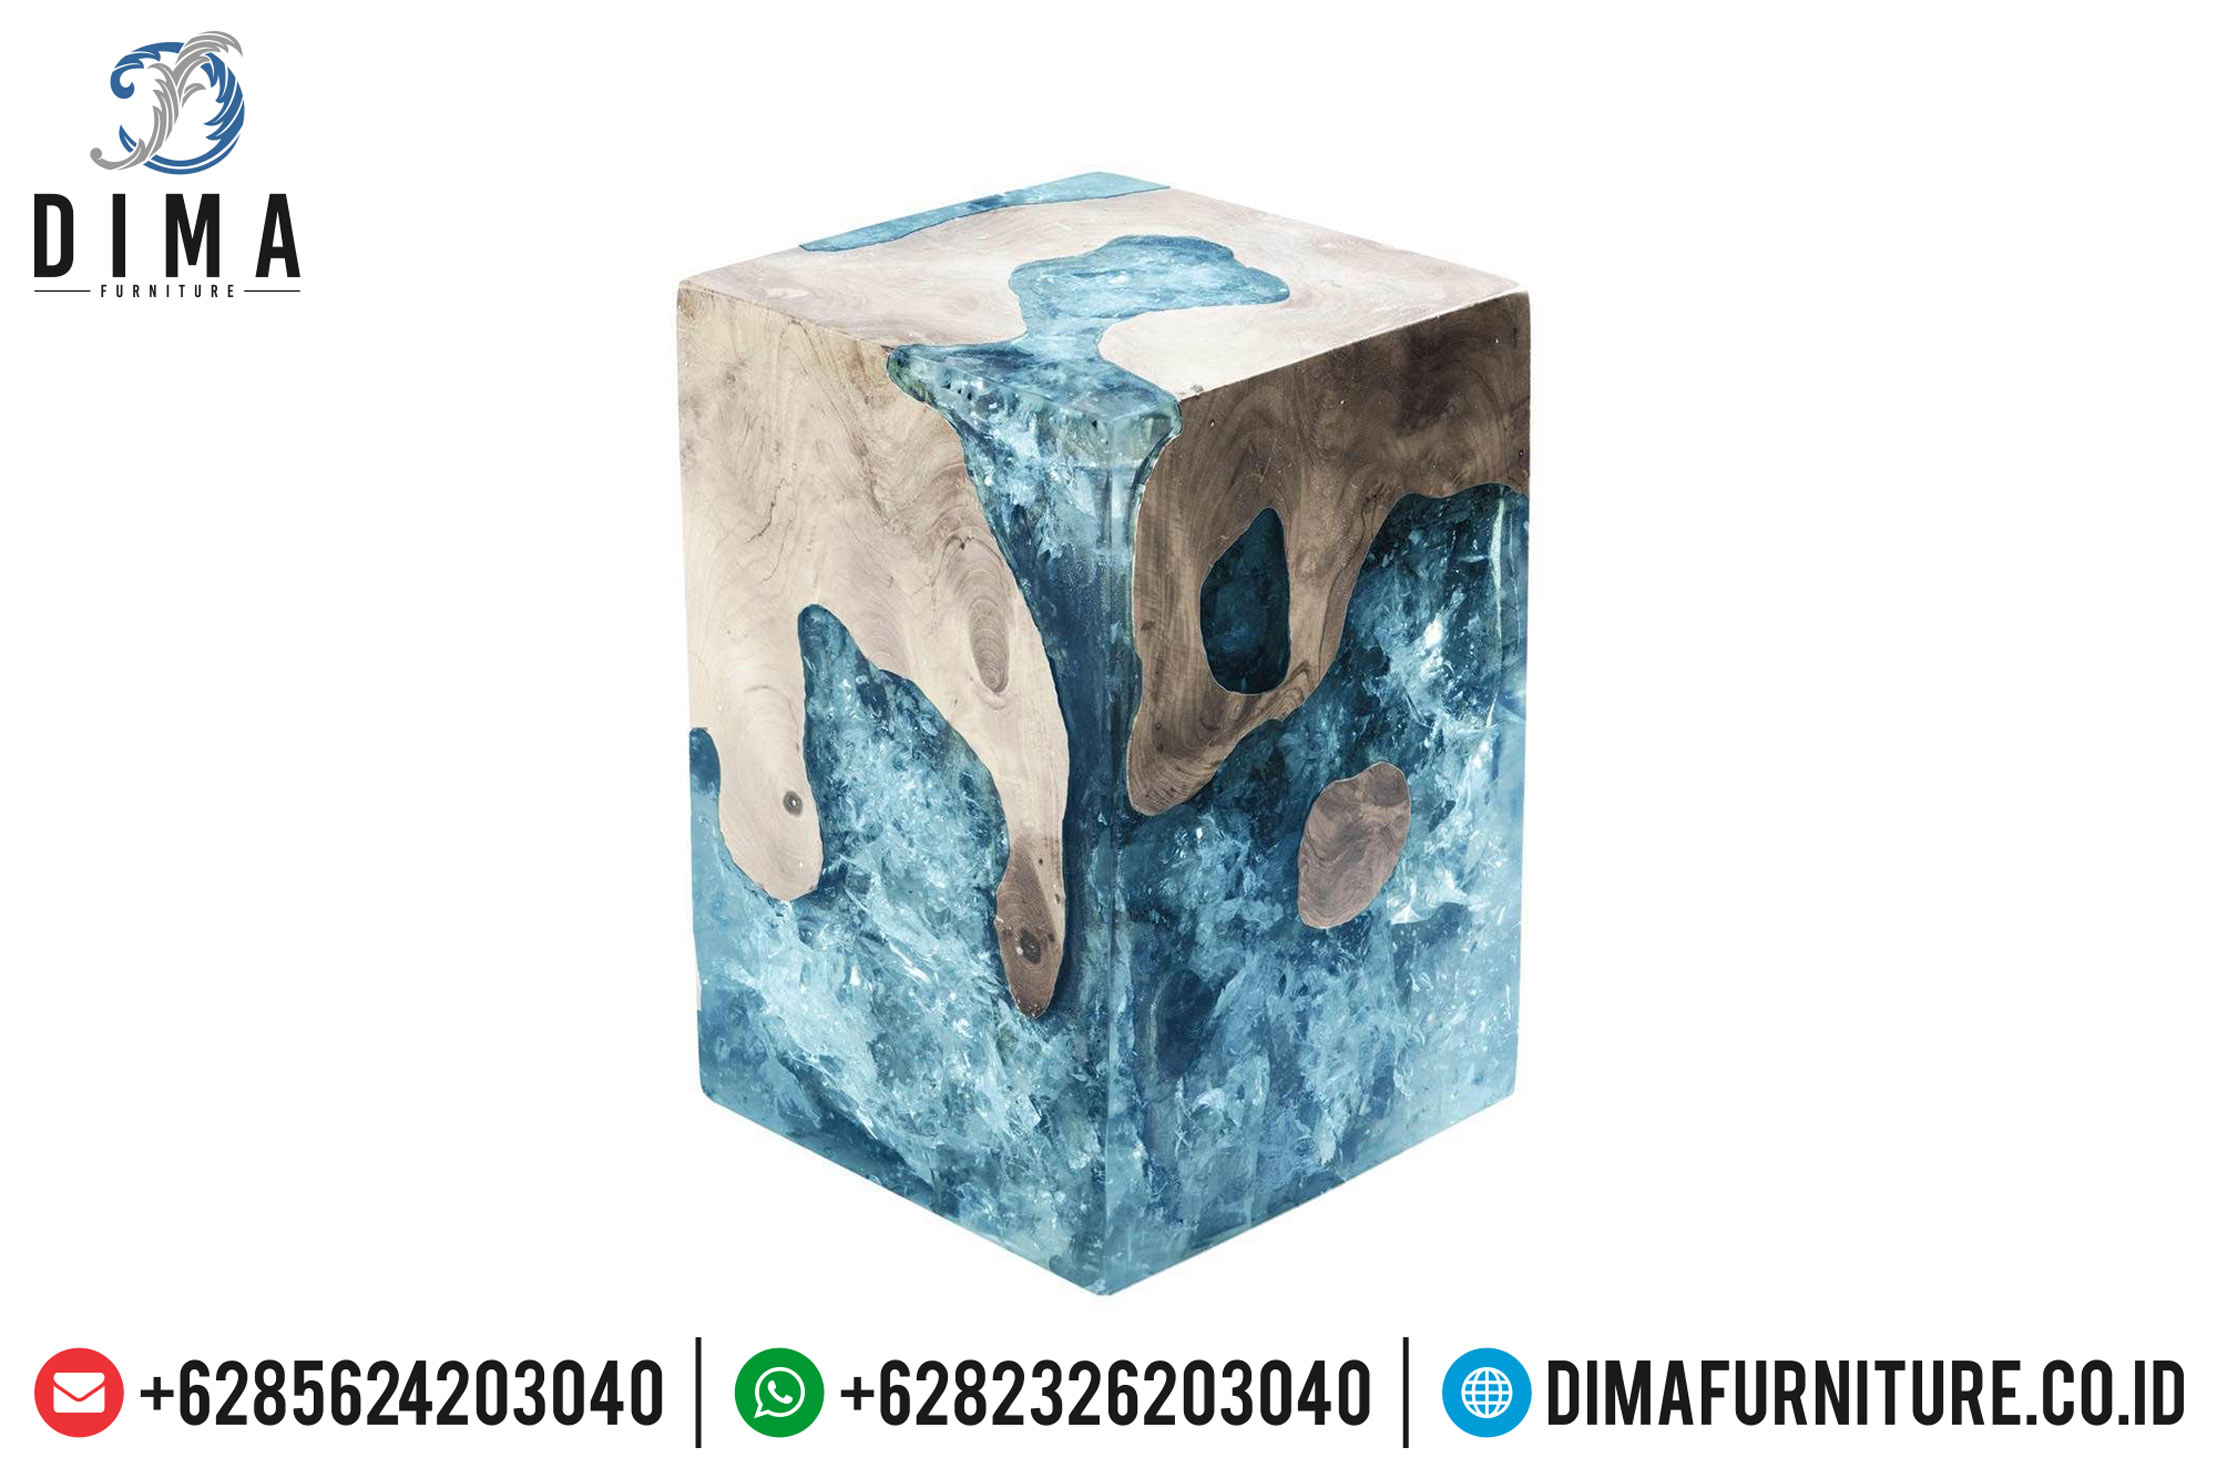 Stool Resin Terbaru, Meja Resin Minimalis, Resin Furniture Indonesia DF-0704